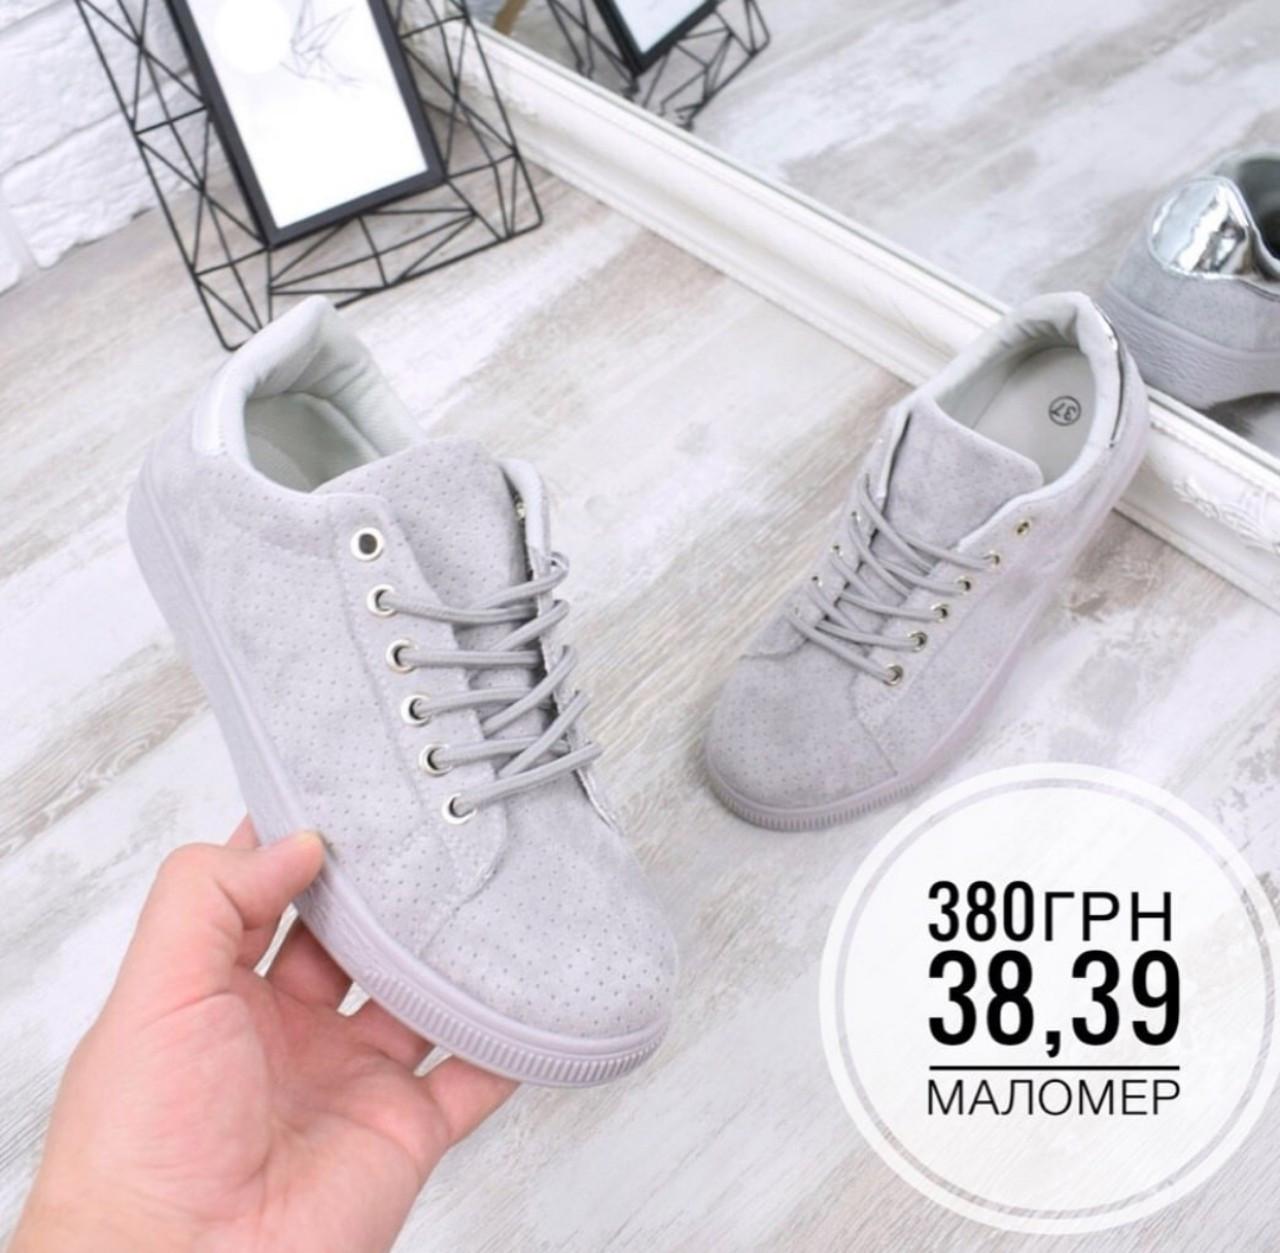 ef17c157c379a Серые крутые кеды,кроссовки,криперы женские - интернет-магазин обуви